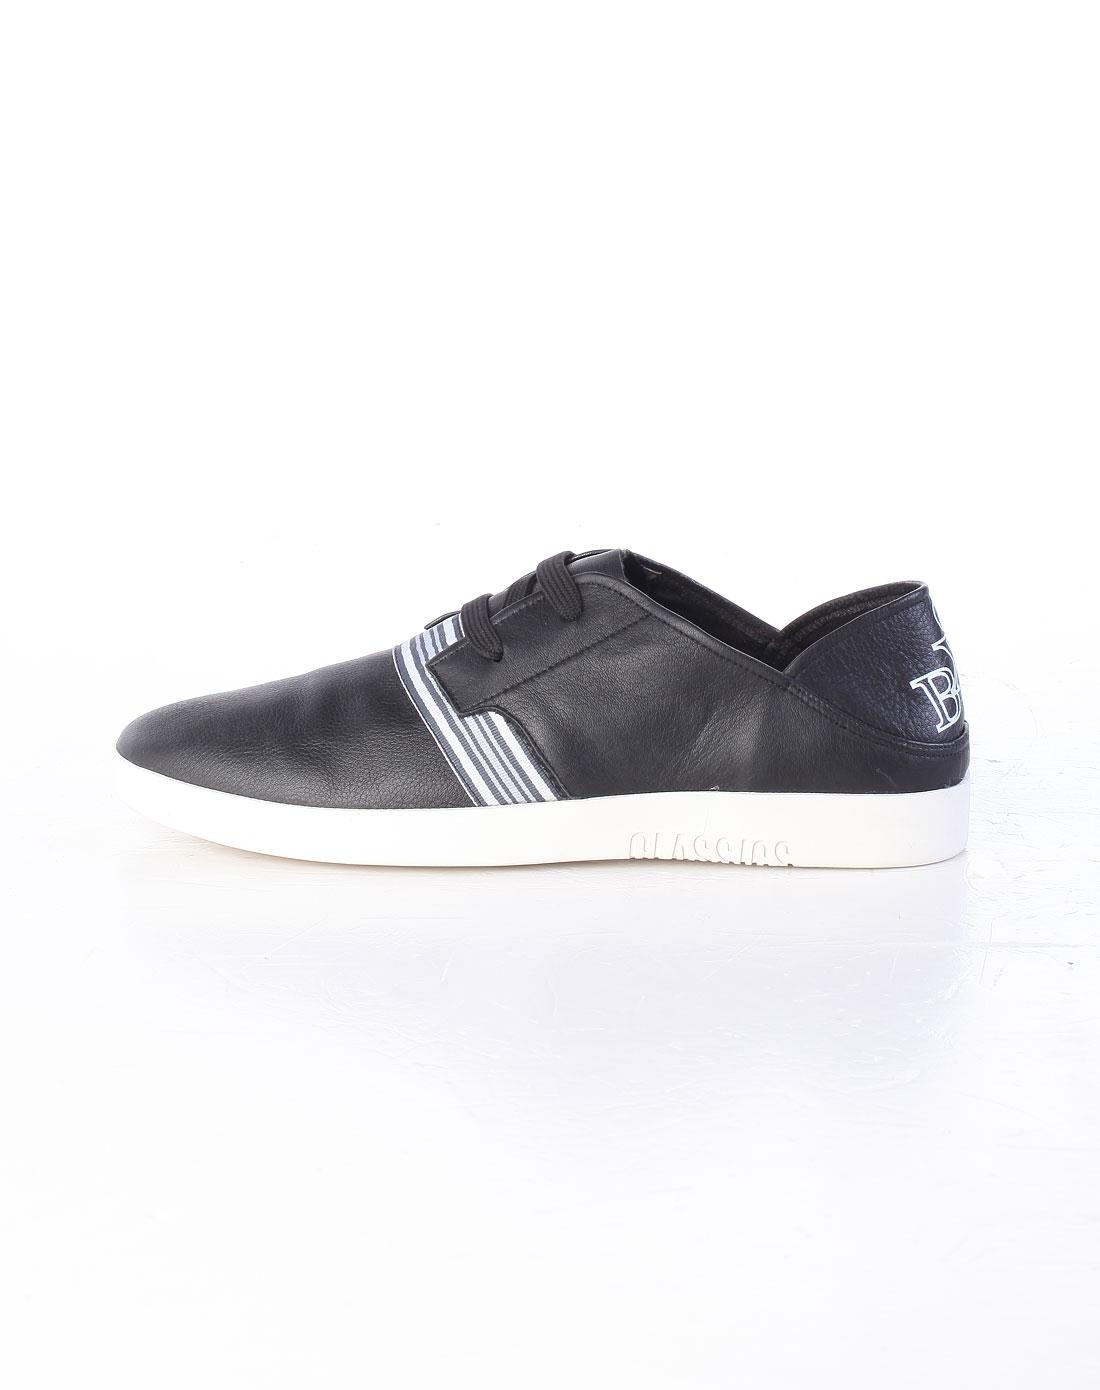 黑/白色裂纹休闲皮鞋_保罗·盖帝plo·cart